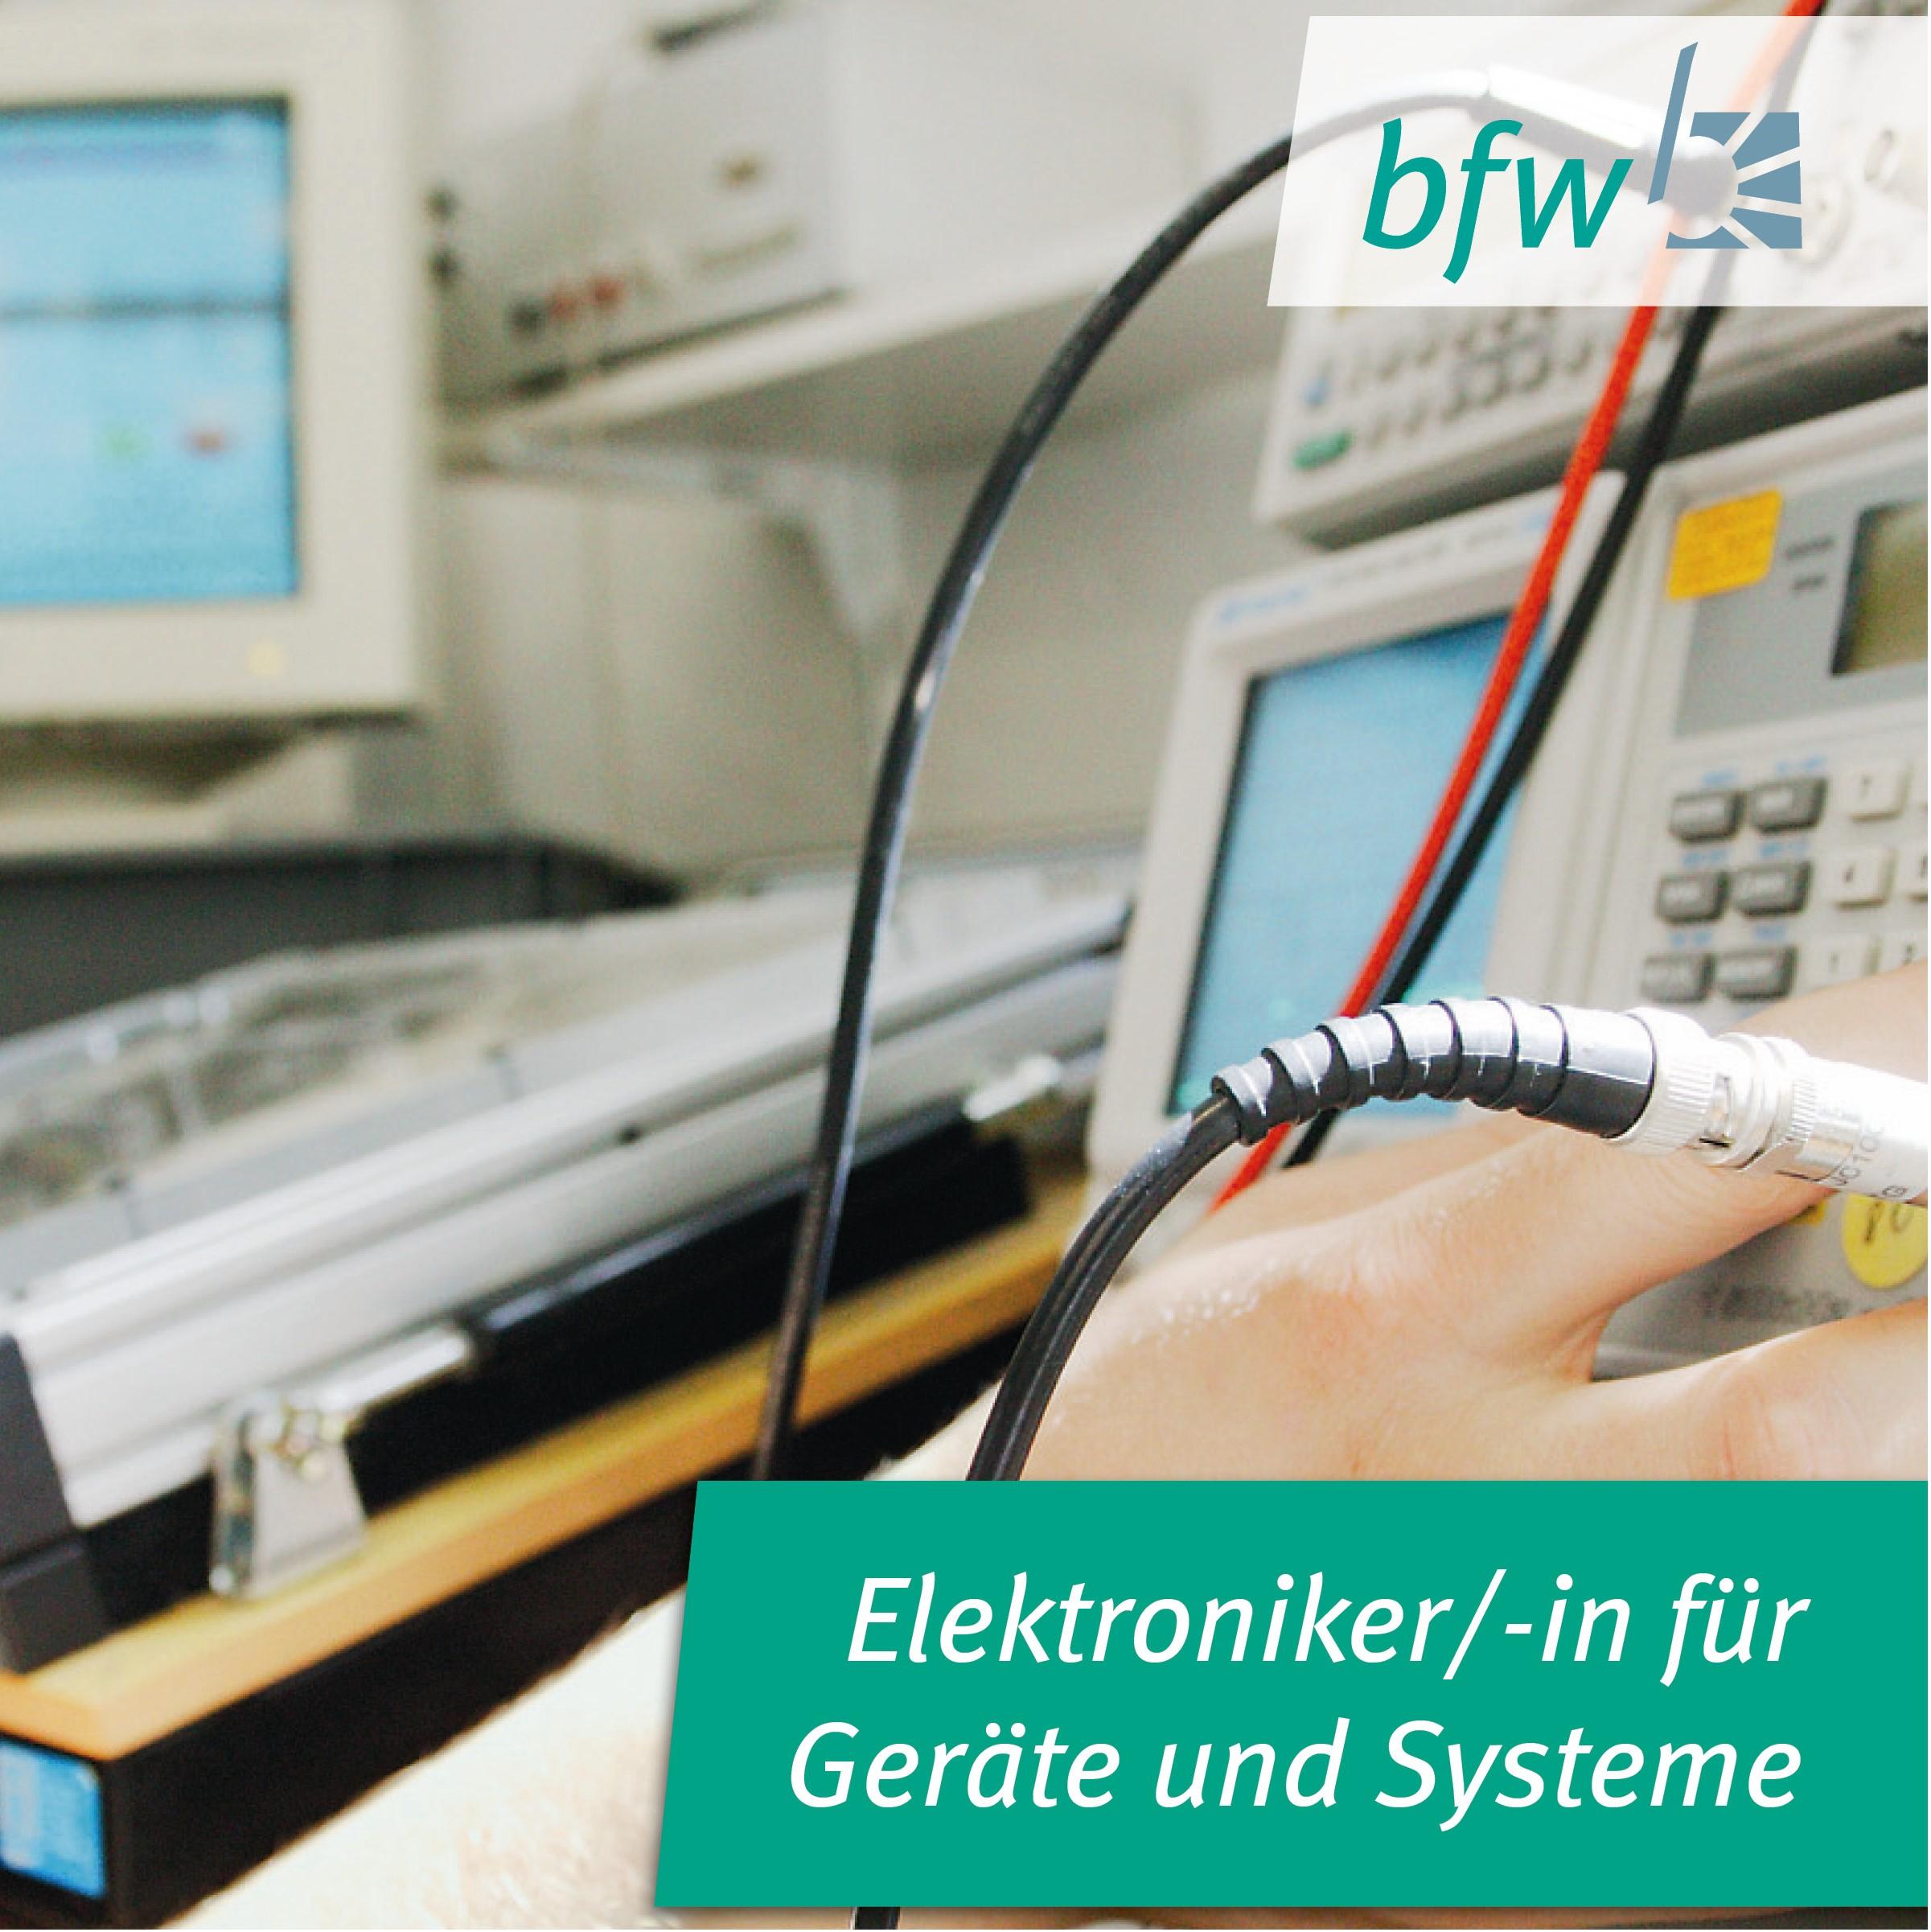 Elektroniker/-in für Geräte und Systeme Image